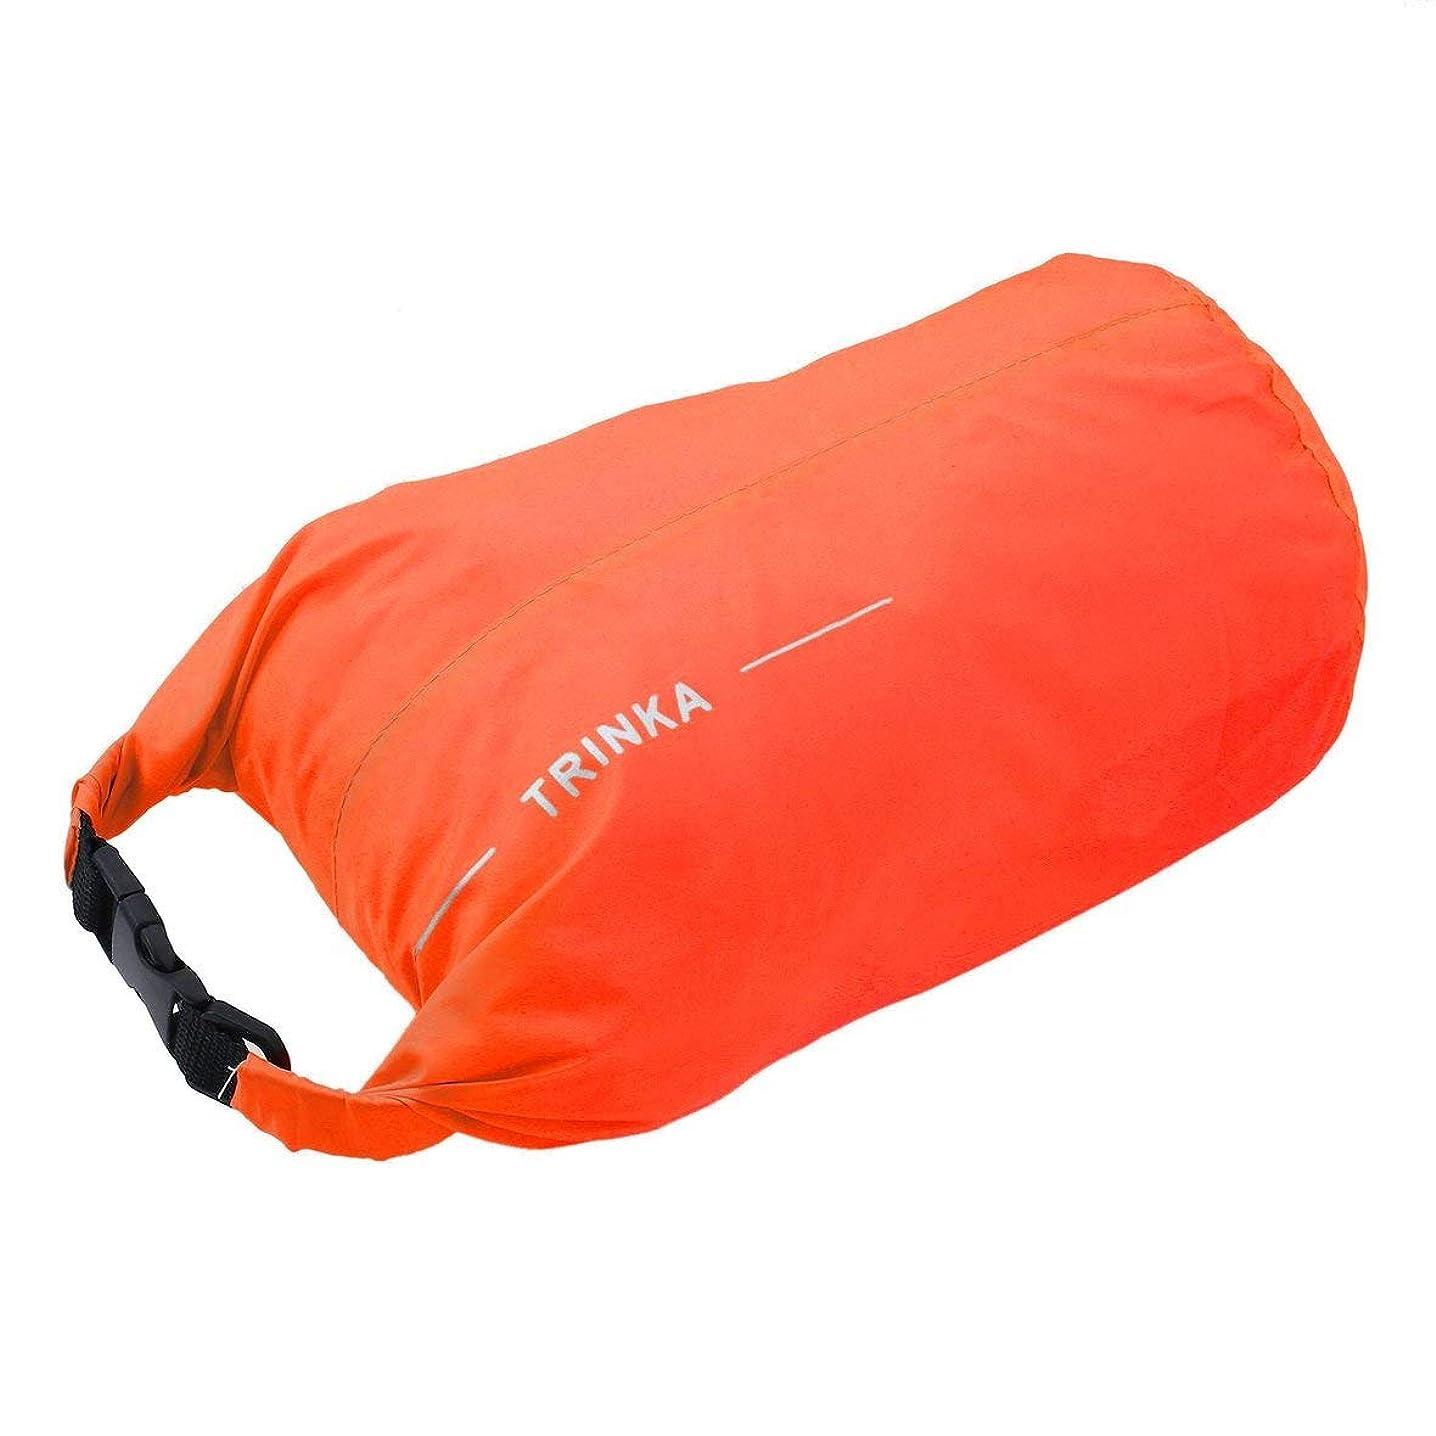 鎮痛剤適度に貸し手Blackfell ポータブル8 L 40 L 70 L防水ドライバッグ袋収納ポーチバッグ